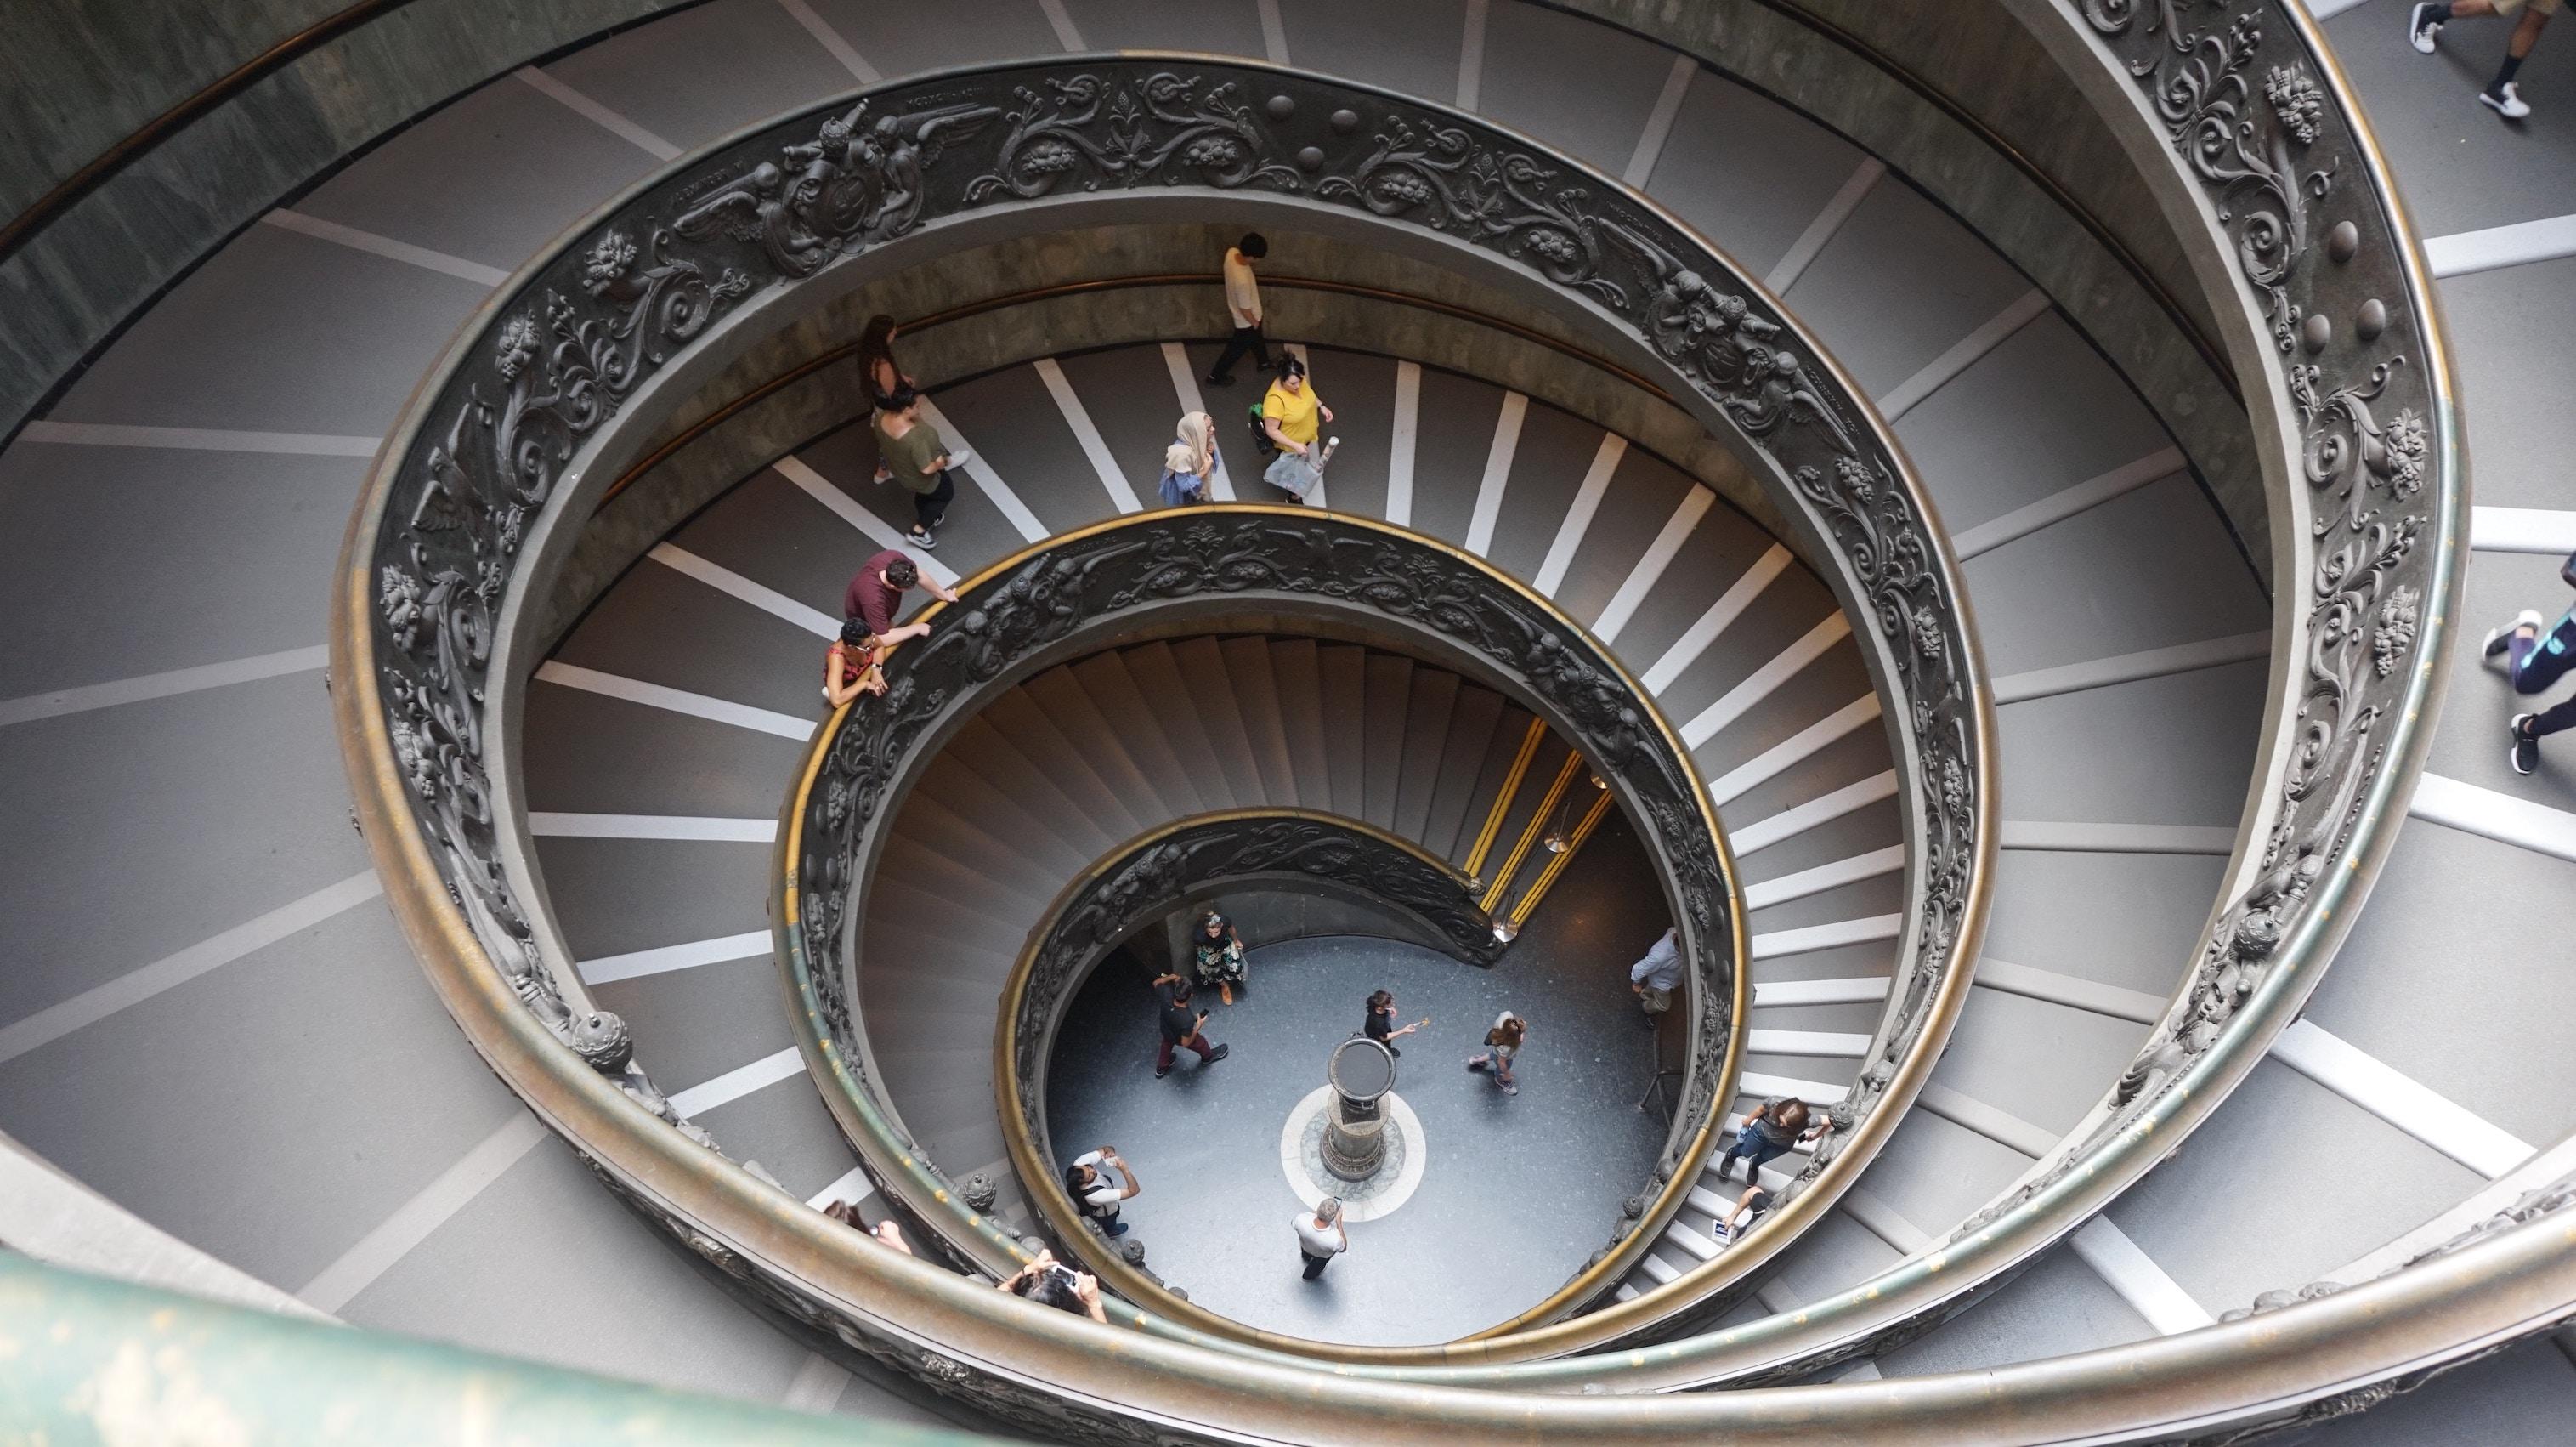 Itinerari d'arte in Italia. Ecco le gallerie d'arte imperdibili